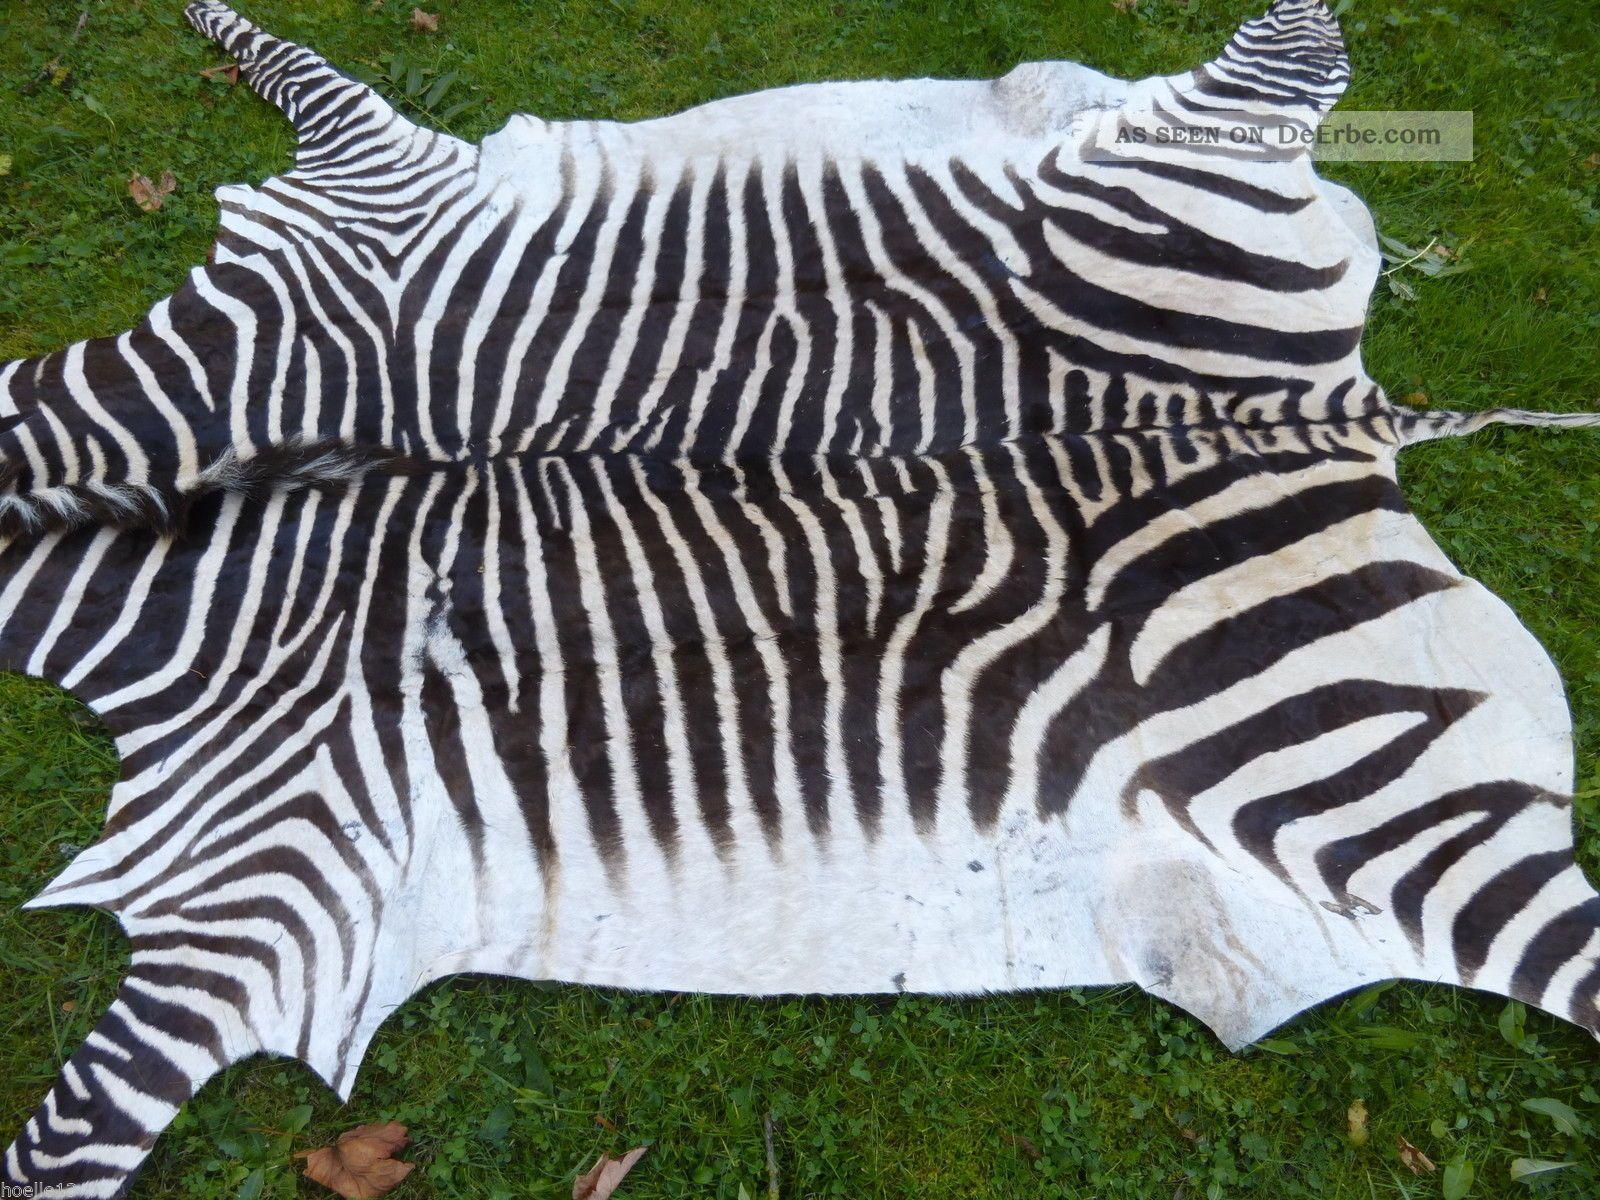 Neues bergzebrafell zebrafell dekoration kudu zebra afrika - Dekoration afrika ...